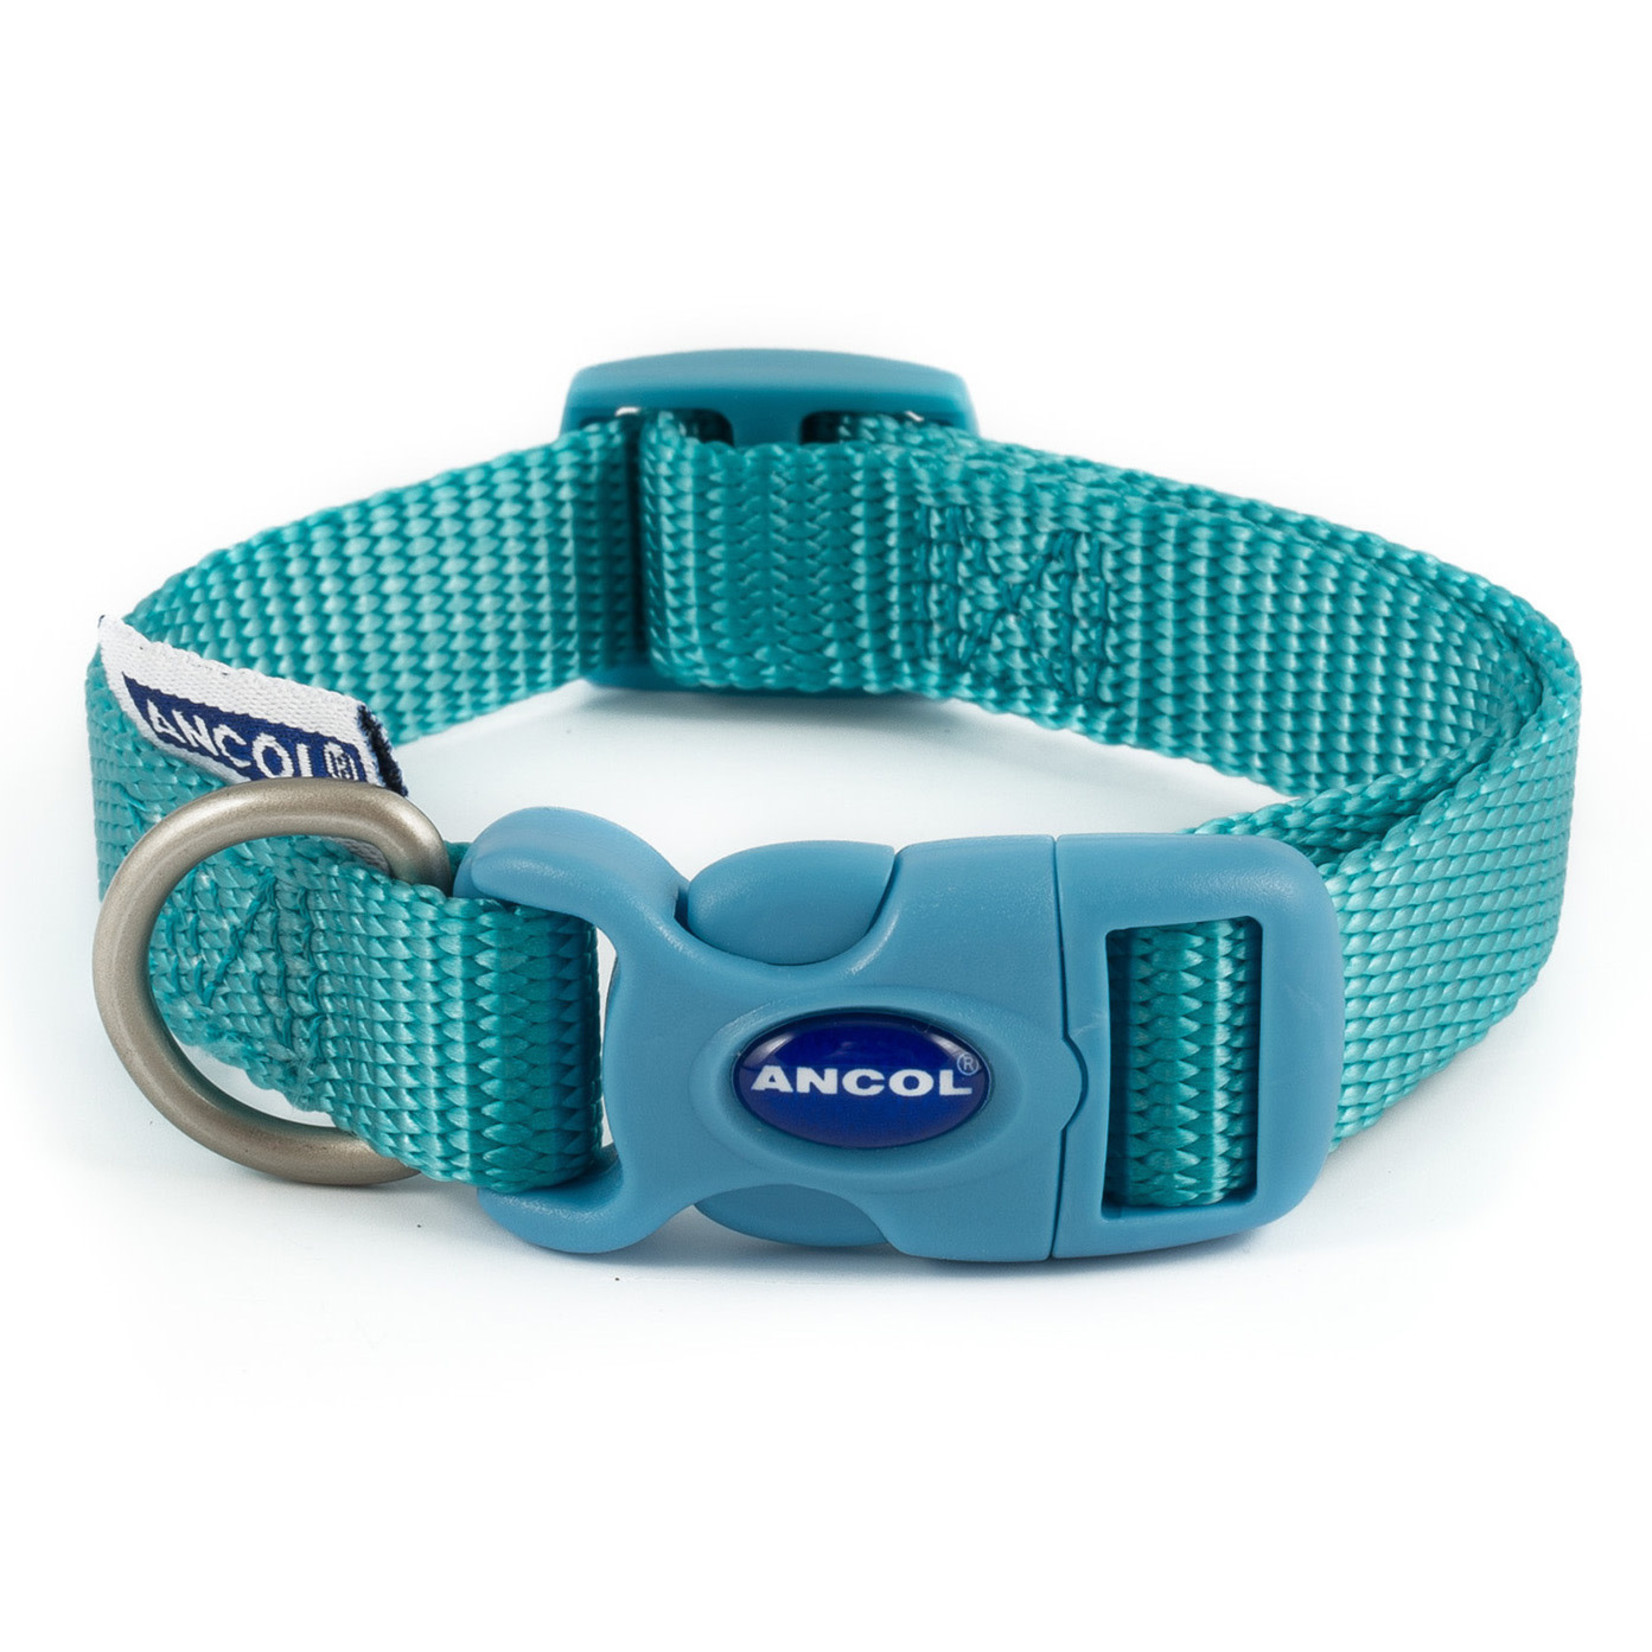 Ancol Adjustable Nylon Teal Dog Collar